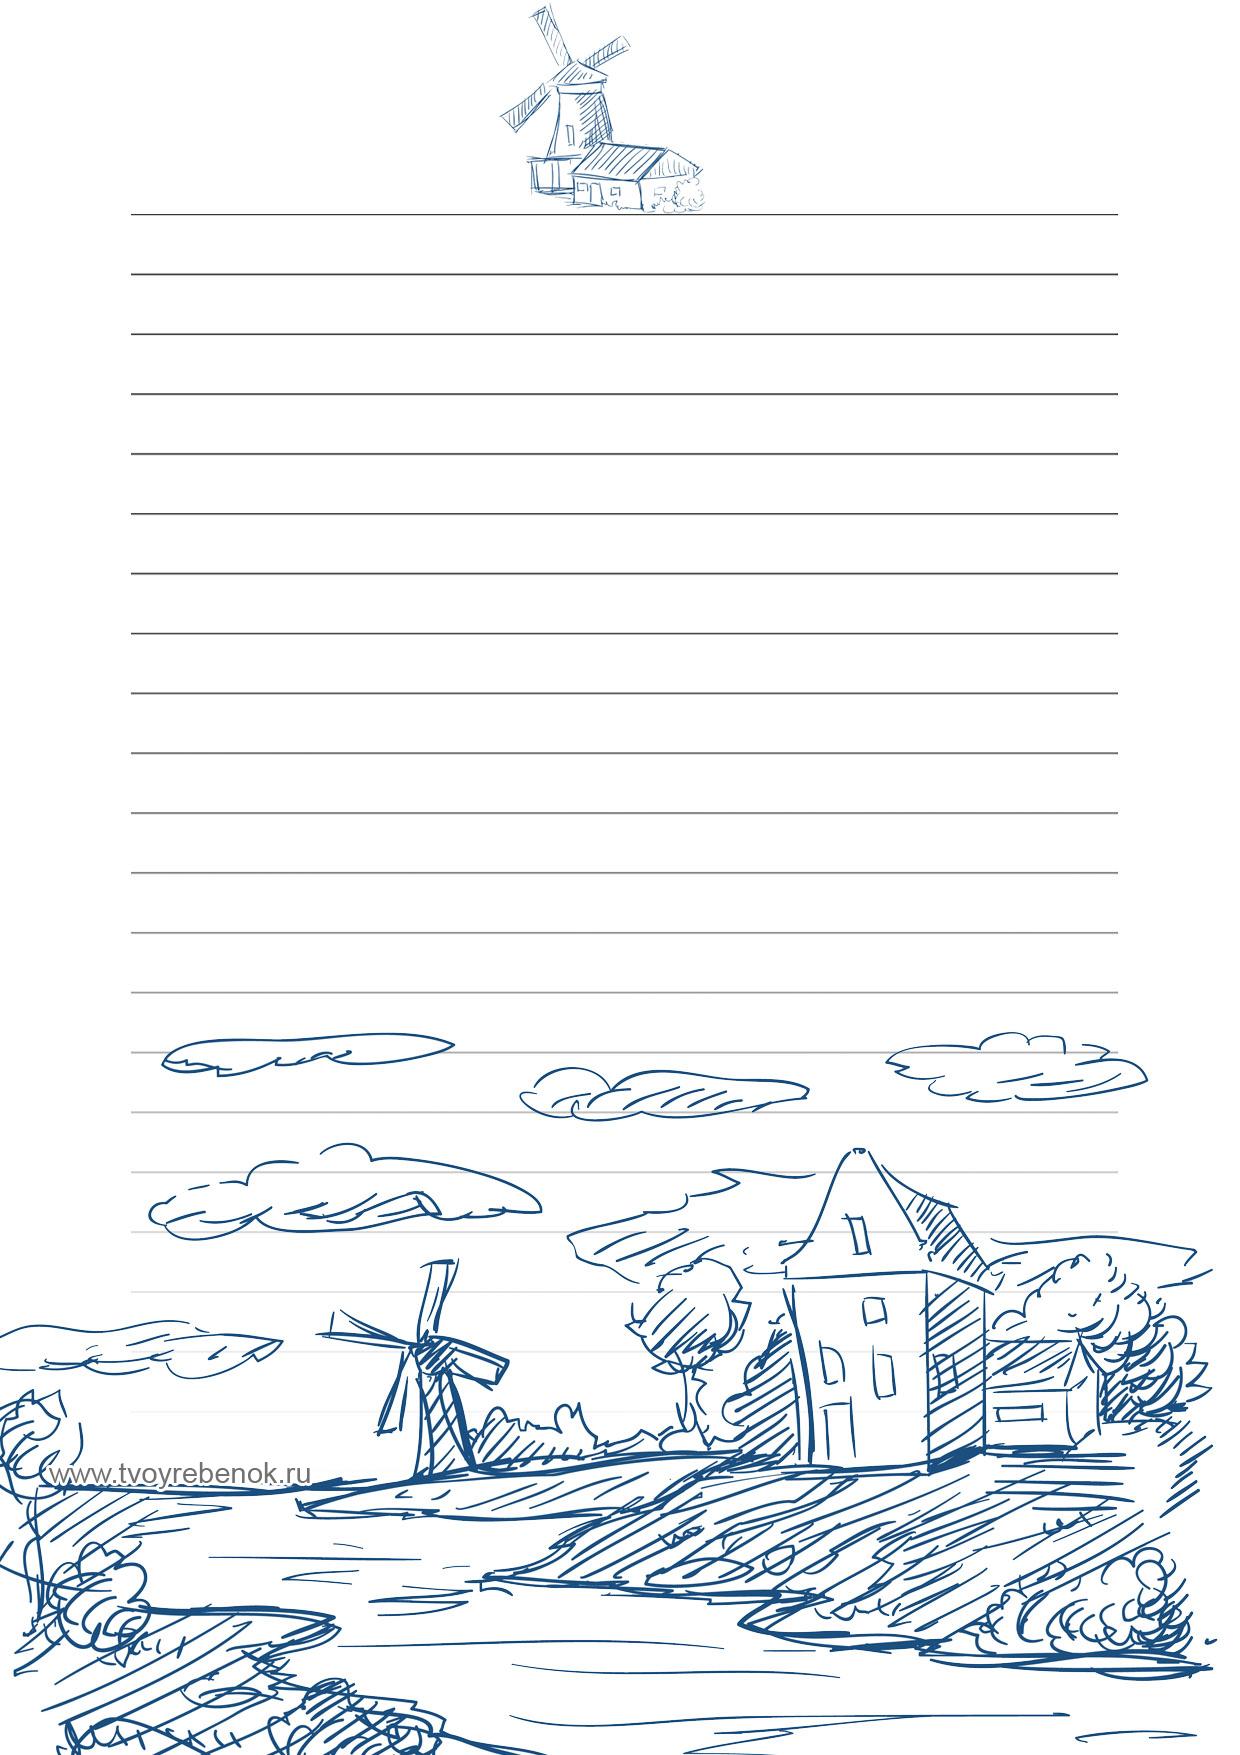 Оформление бумаги для письма своими руками 28